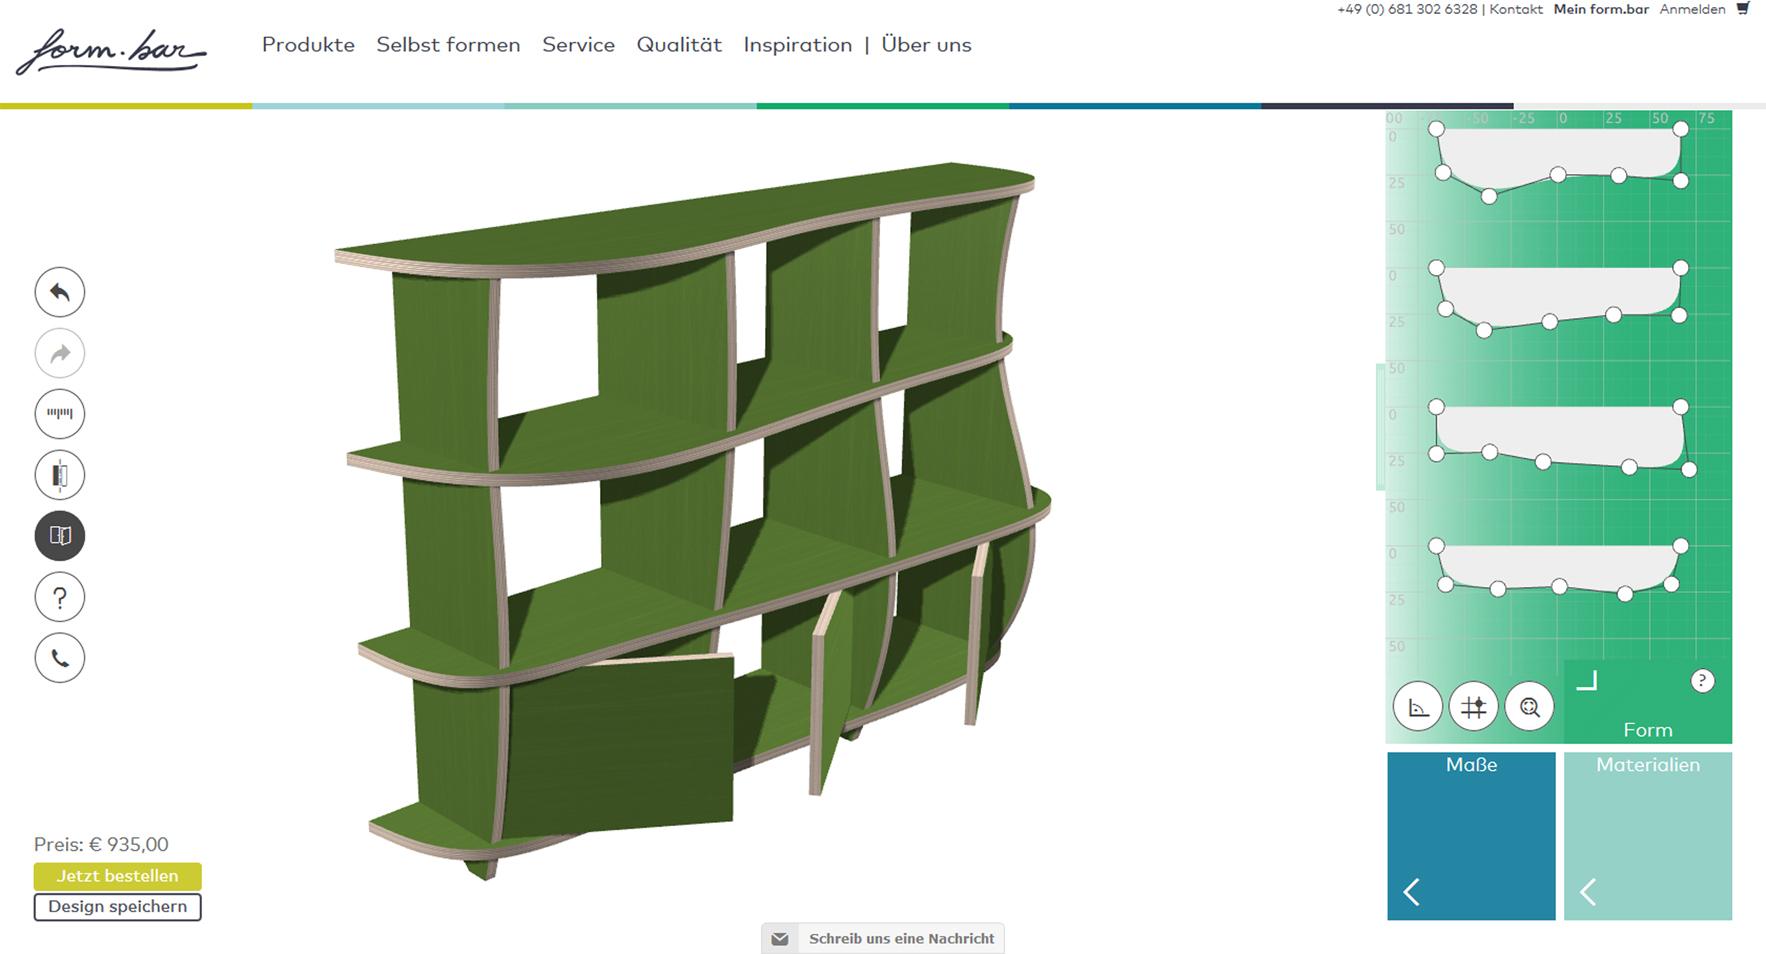 vdm 2016 pm moebel selbst designen bild3. Black Bedroom Furniture Sets. Home Design Ideas